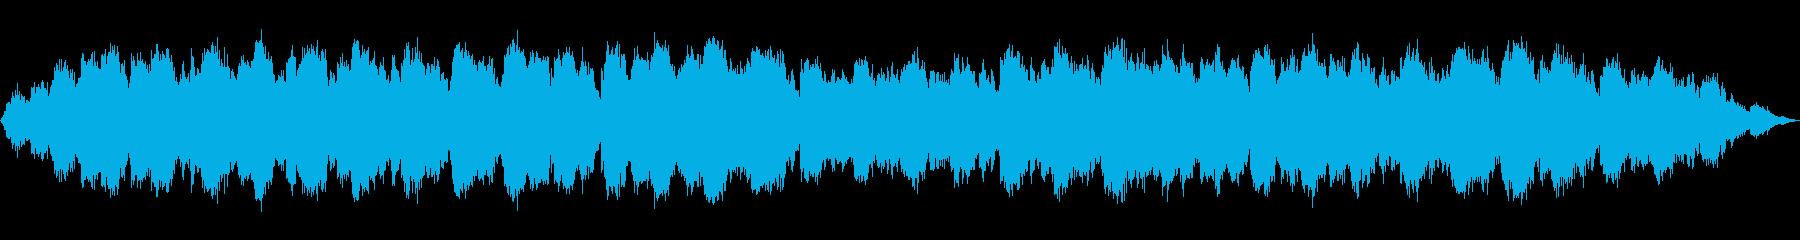 笛の音色の静かな夜風のような音楽の再生済みの波形